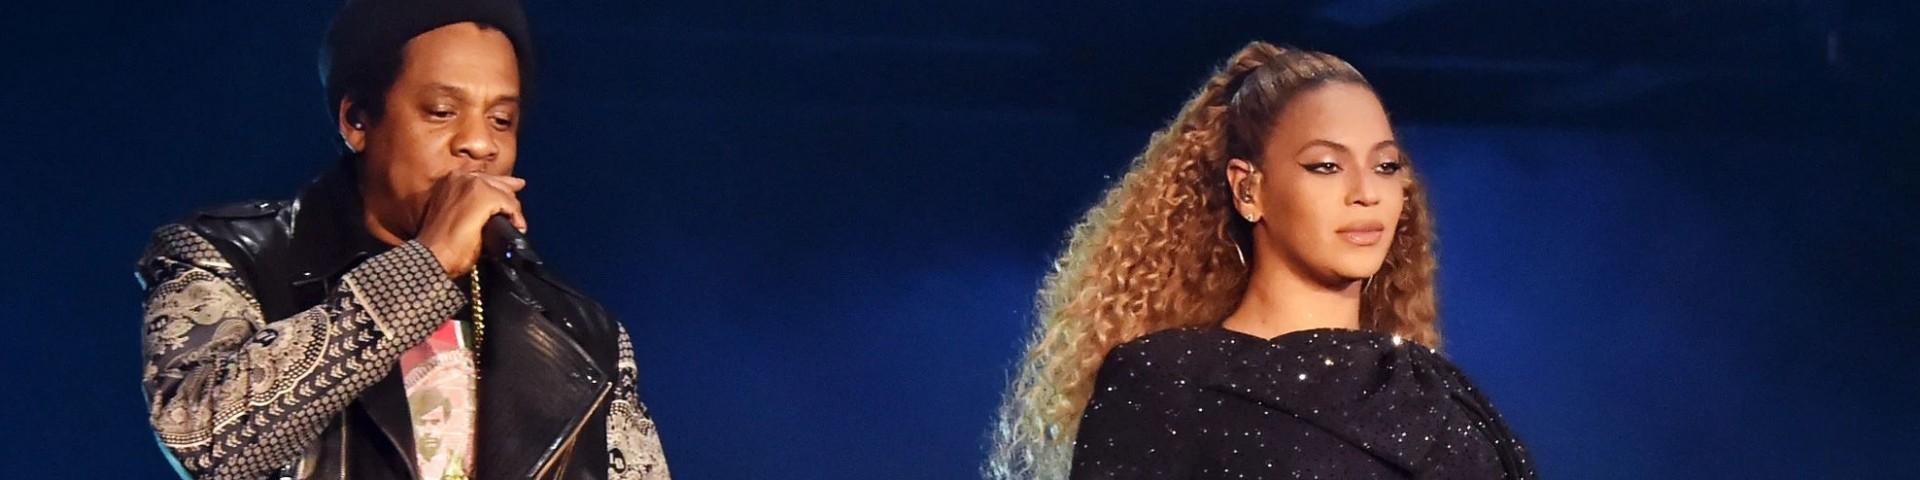 Beyoncé e Jay-Z fanno regalo ai fan vegani: ecco cosa possono vincere